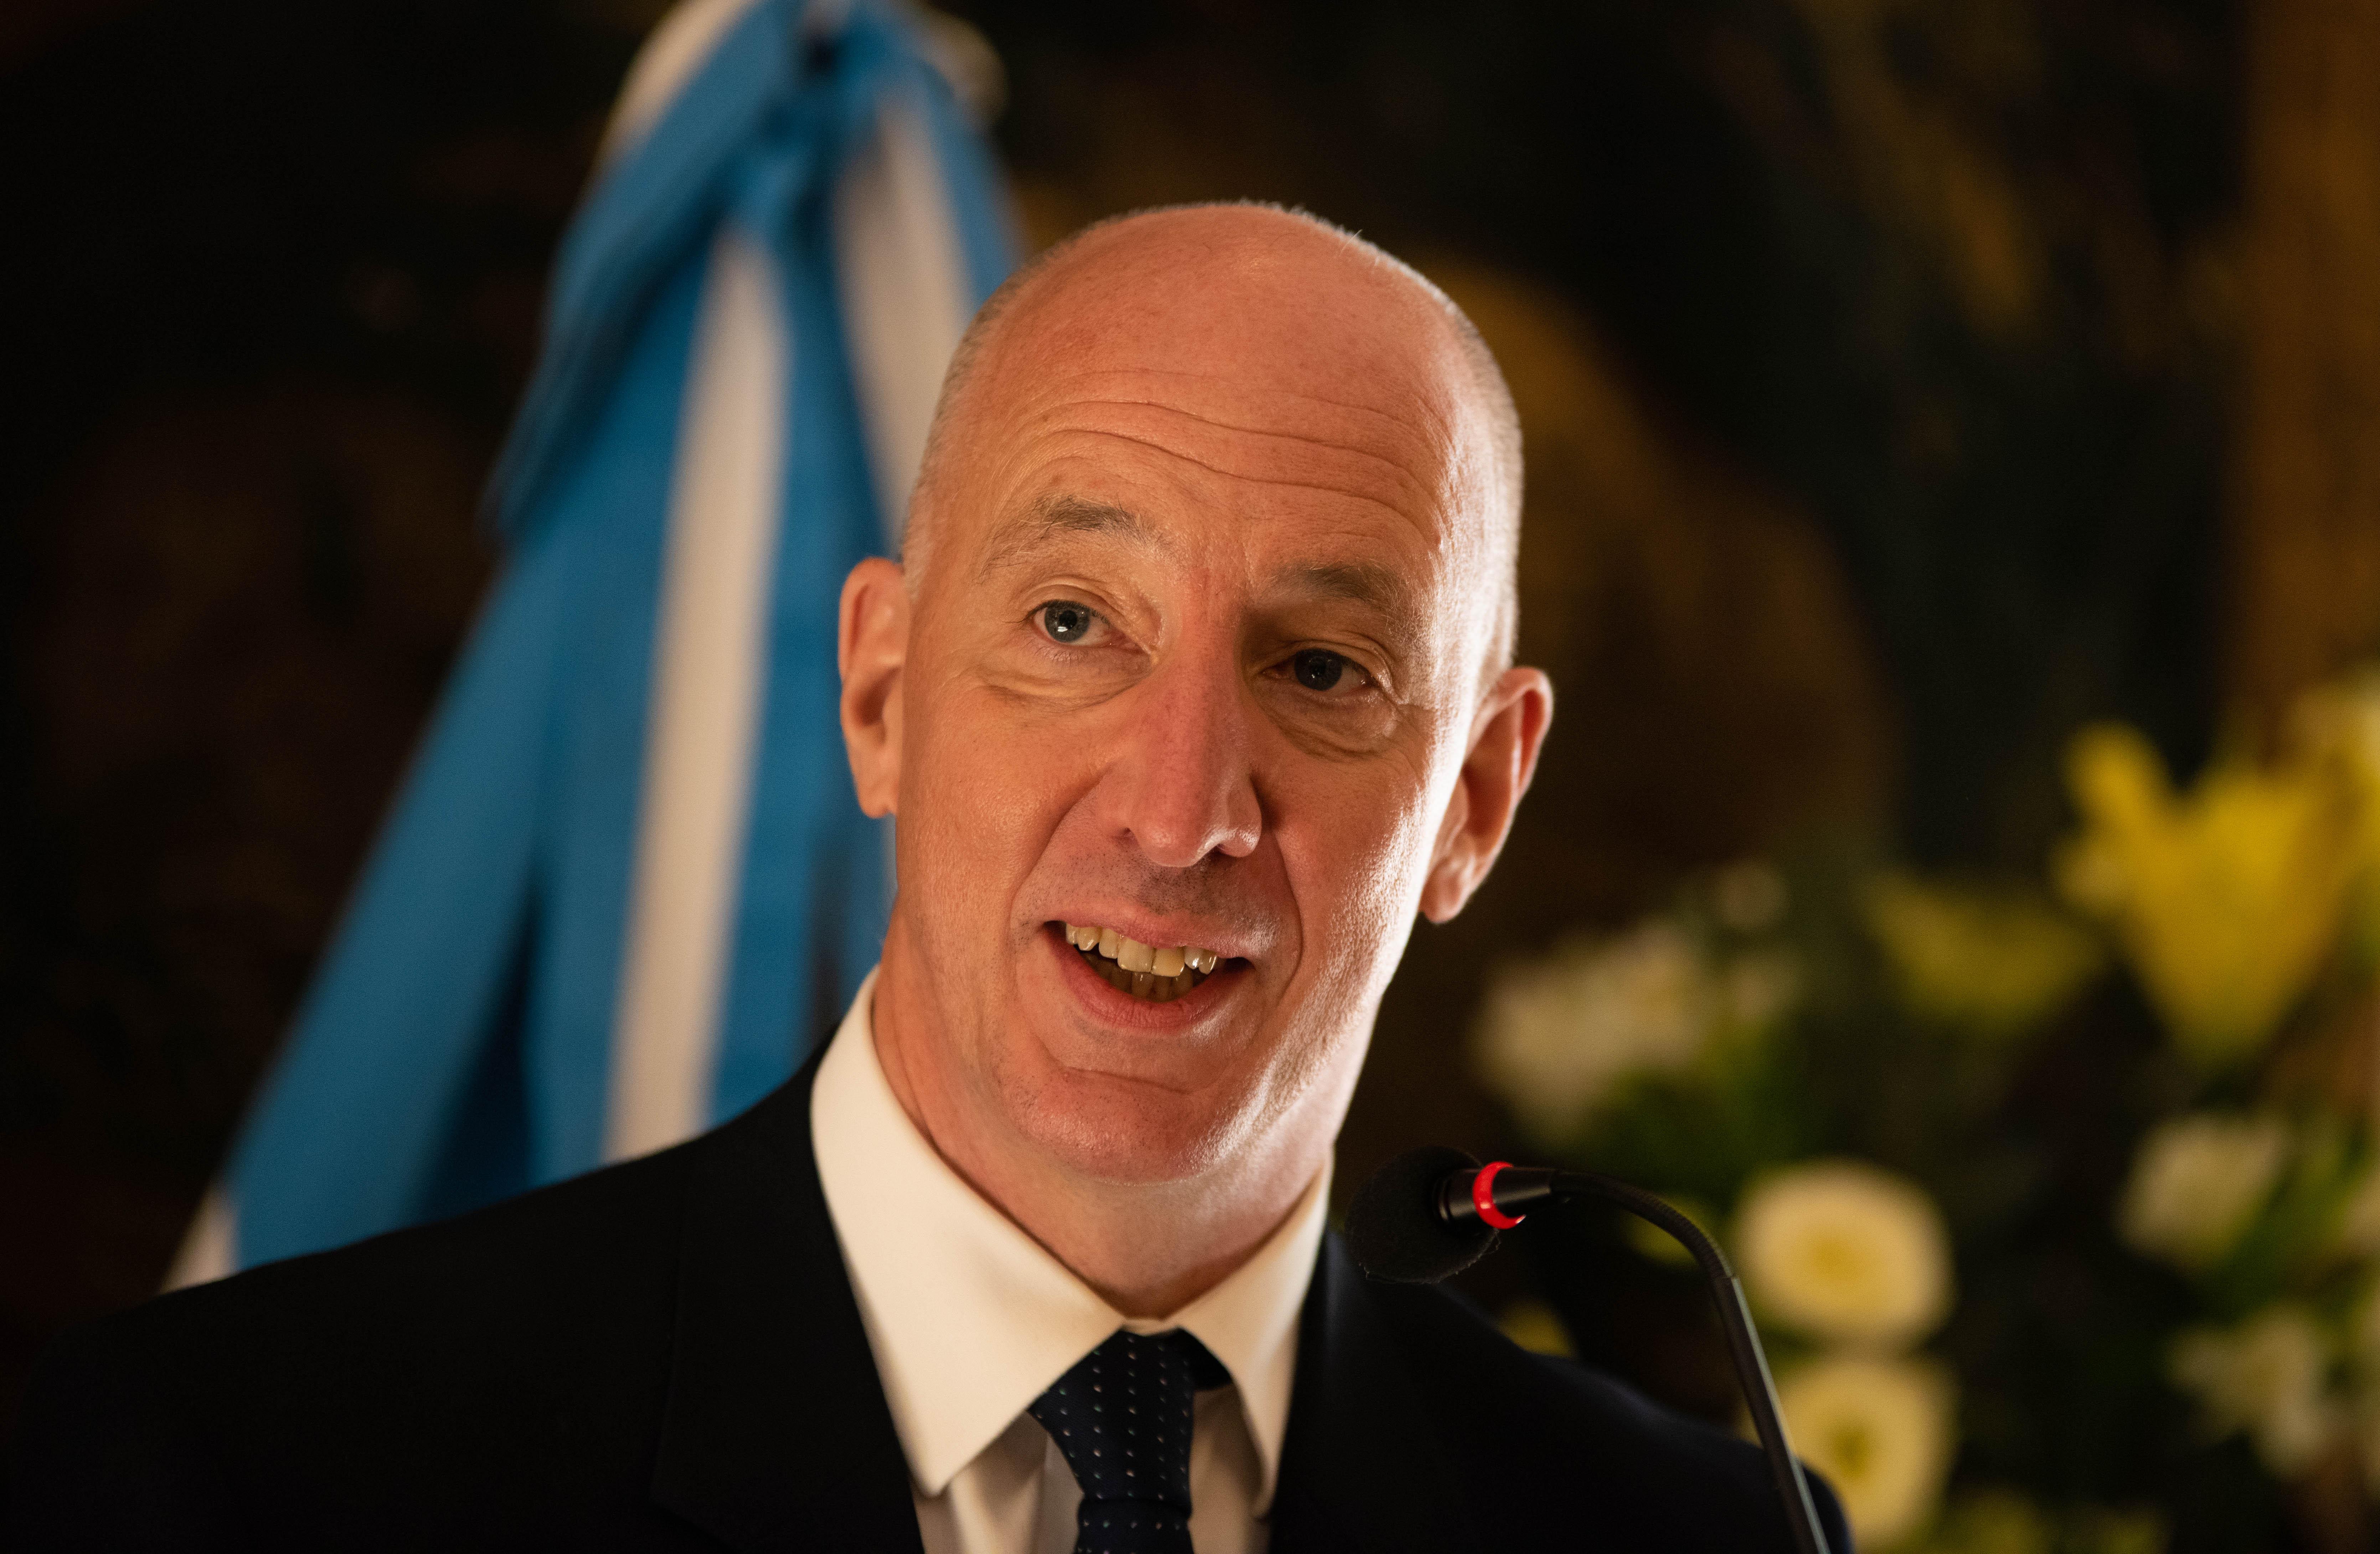 El embajador británico, Mark Kent. El fenómeno a nivel mundial de